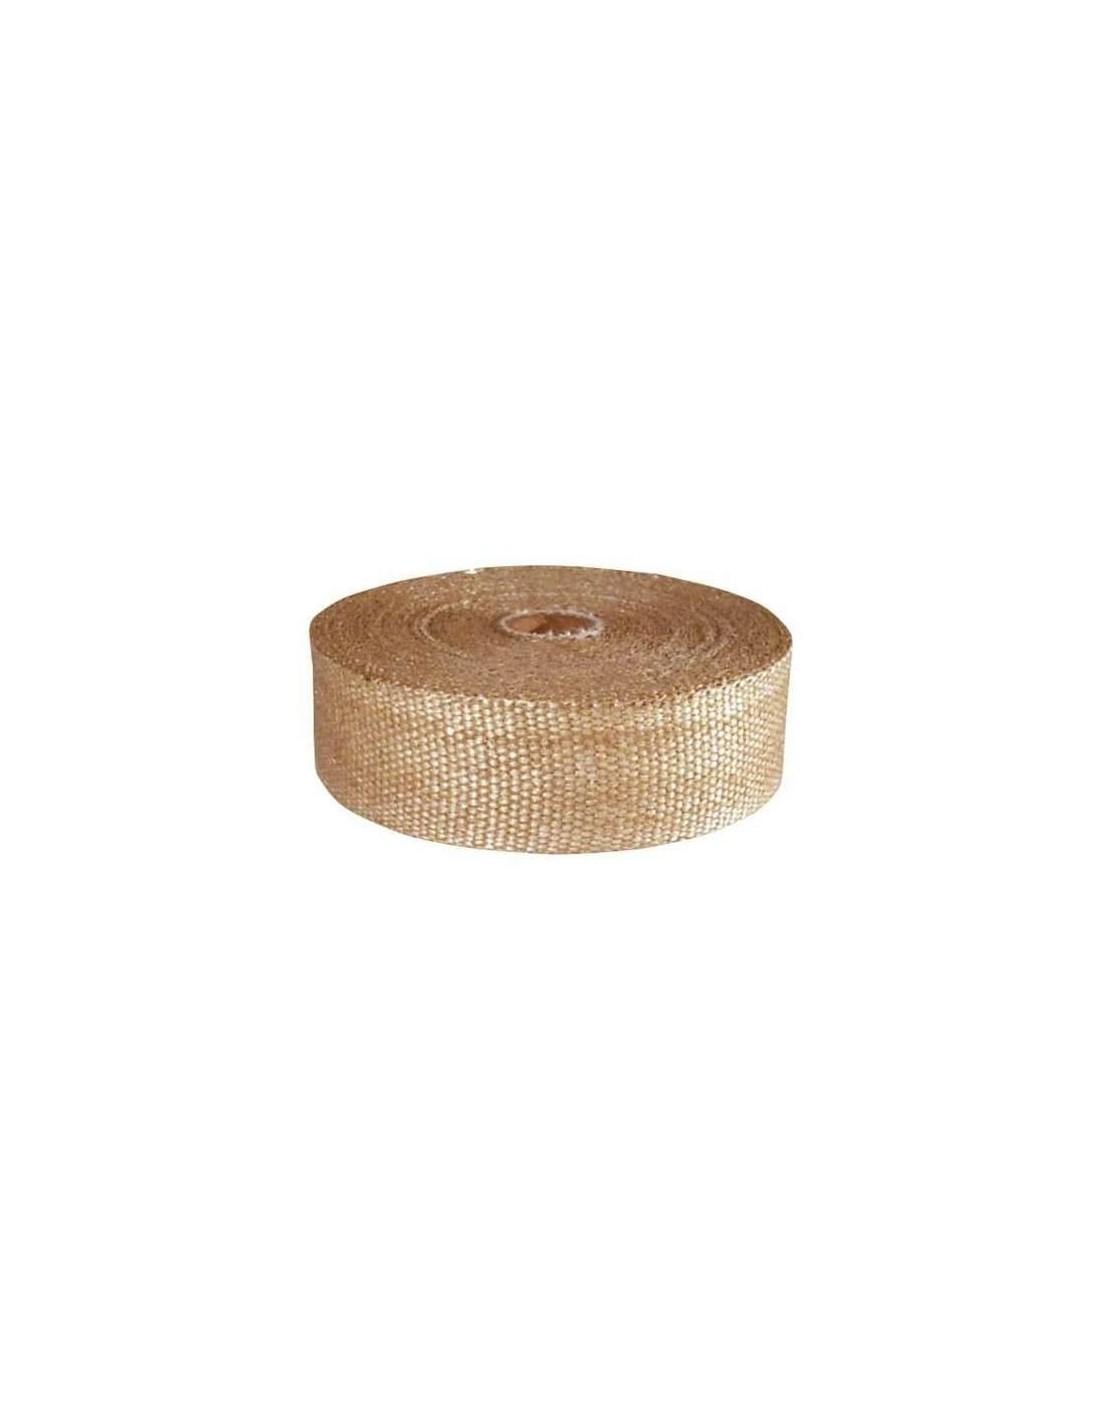 ruban isolant cuivr pour echappement collecteur rouleau de 15mx5cm. Black Bedroom Furniture Sets. Home Design Ideas